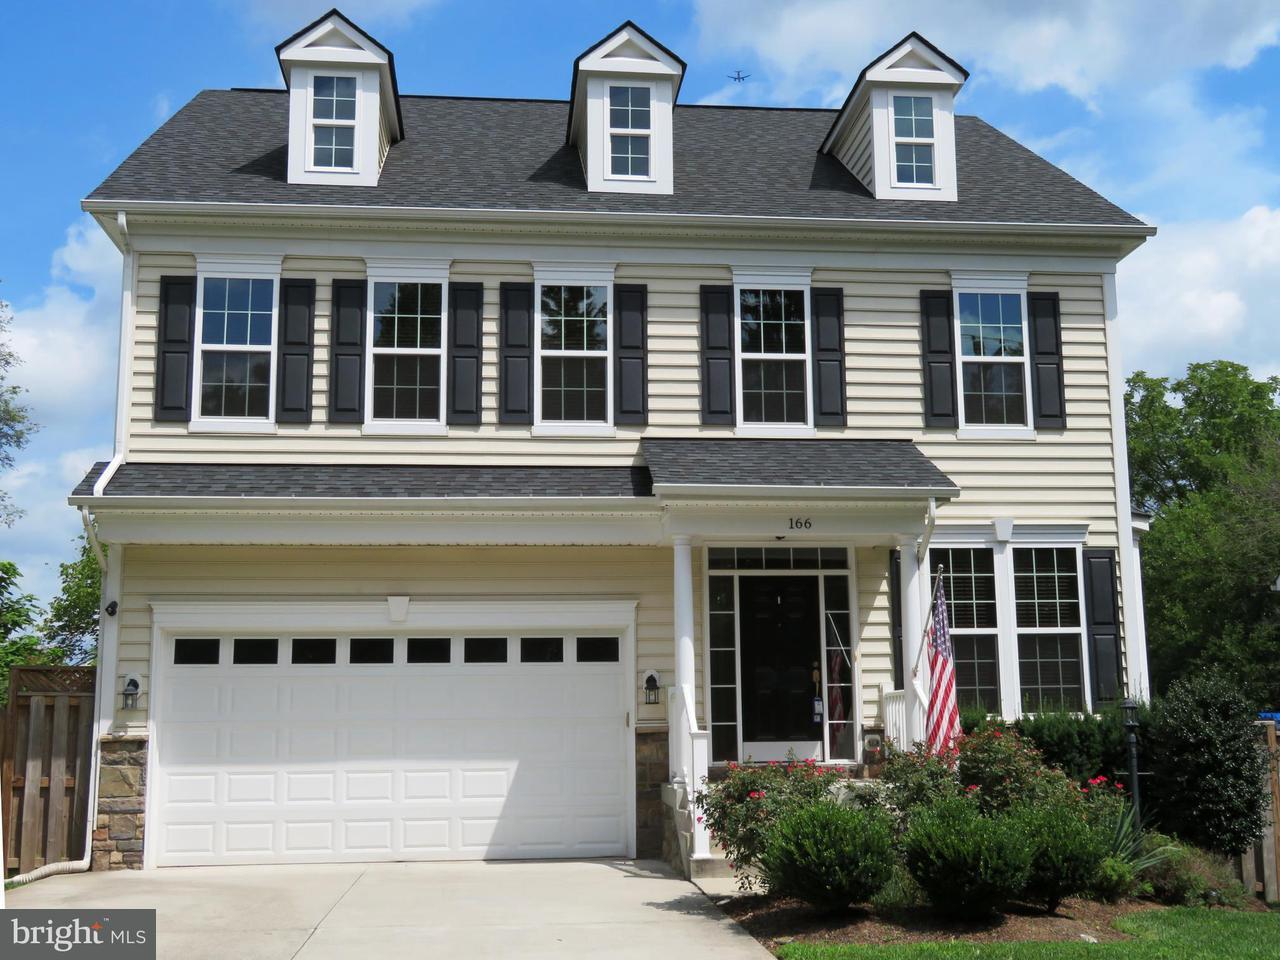 獨棟家庭住宅 為 出售 在 166 CABBEL Drive 166 CABBEL Drive Manassas Park, 弗吉尼亞州 20111 美國